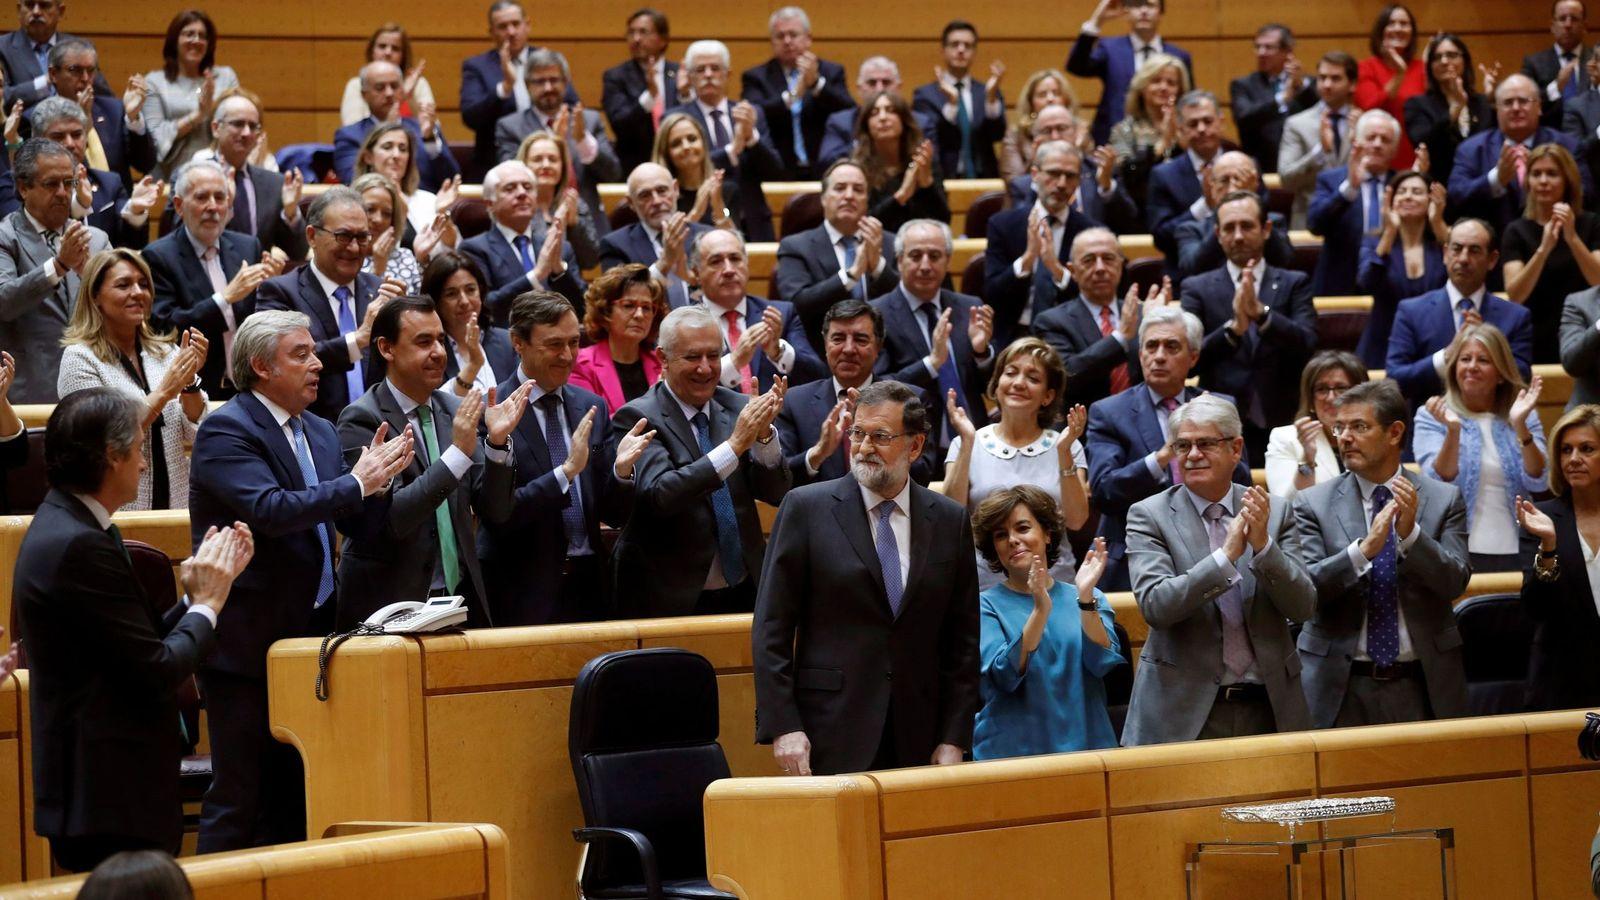 Foto: El presidente del Ejecutivo, Mariano Rajoy (abajo - 2i), es aplaudido por los miembros del grupo parlamentario popular, al término de su intervención. (EFE)